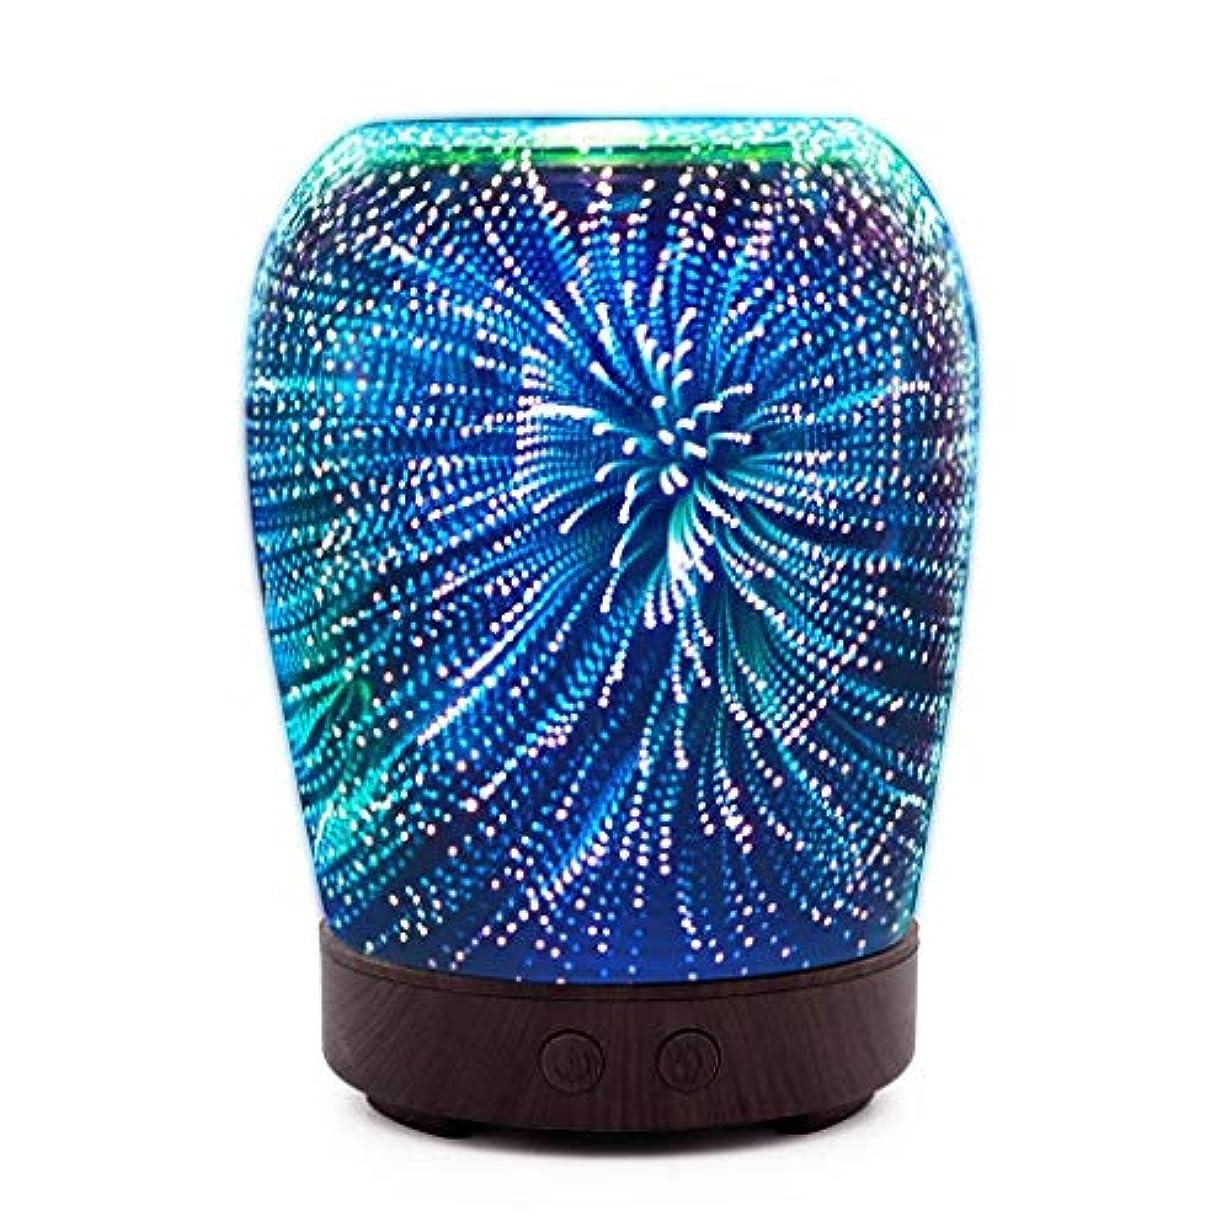 トロリー汚い野ウサギ芳香 拡張器 清涼 薄霧 加湿器 アロマディフューザー 車内や家庭で使用 (Color : Fireworks)